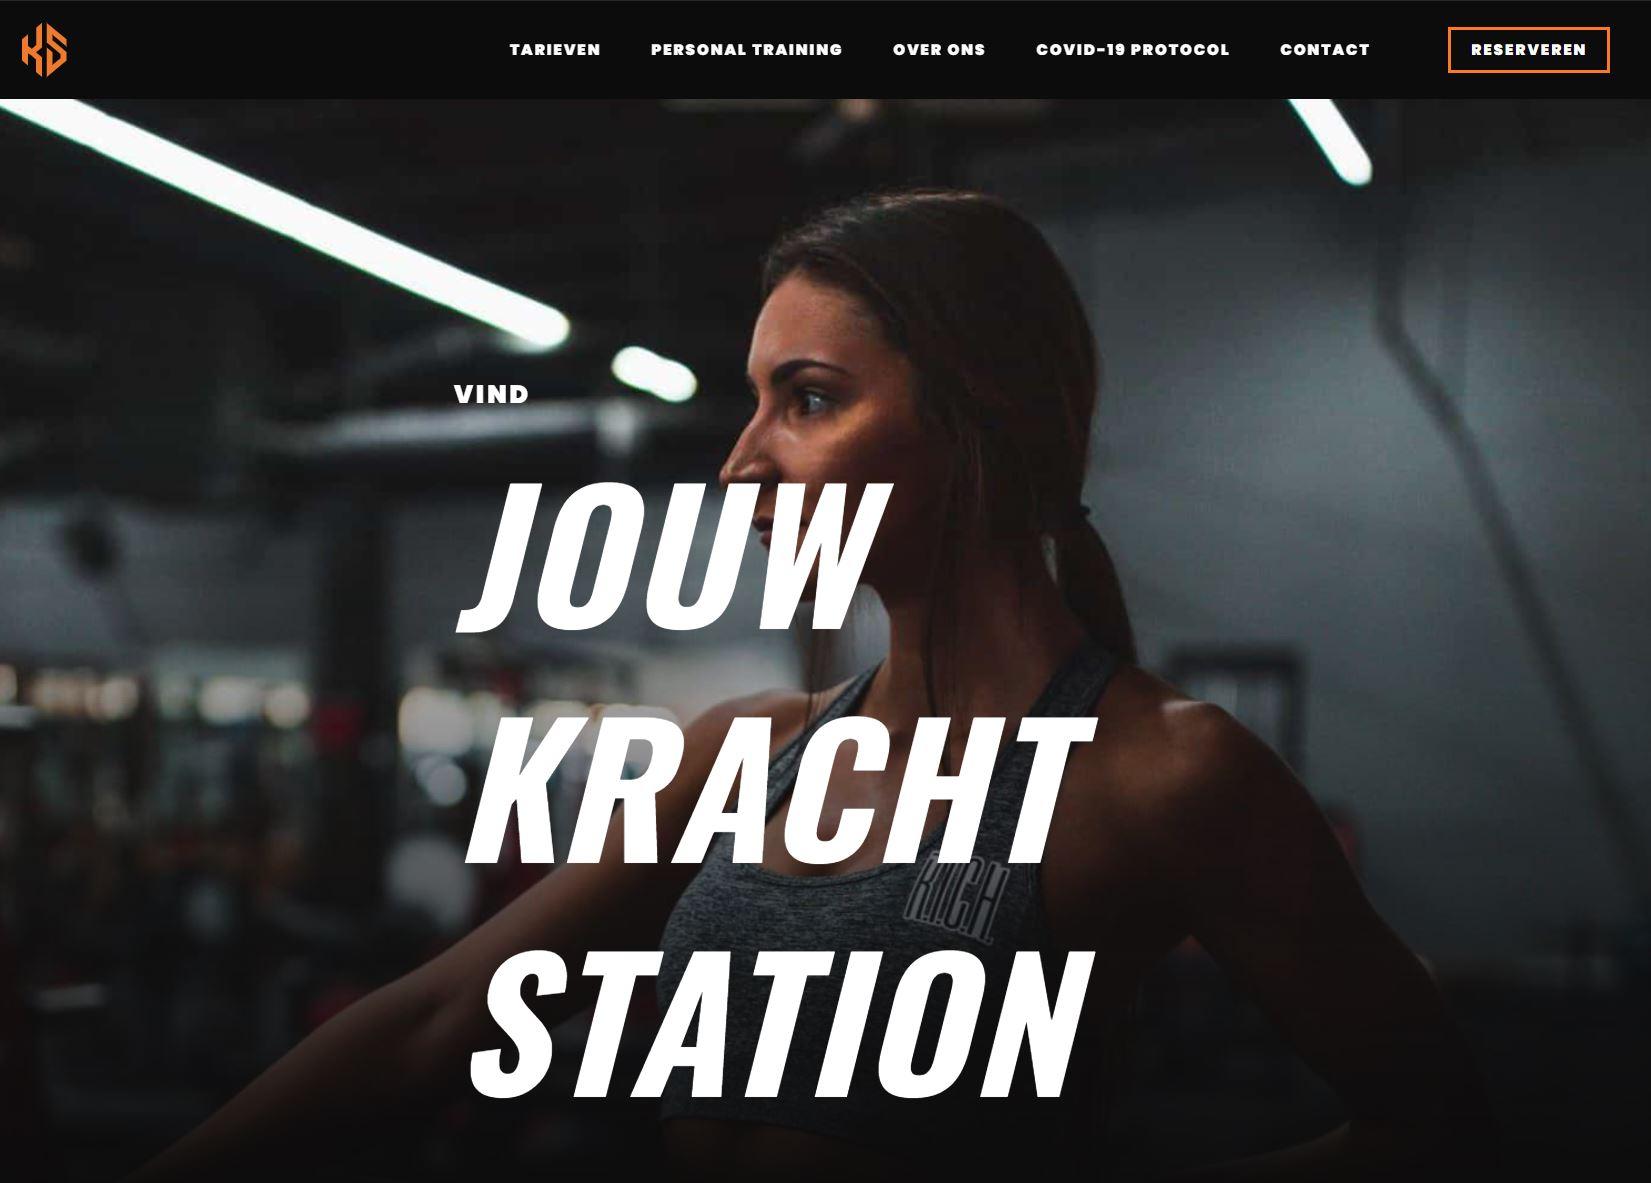 jouwkrachtstation website